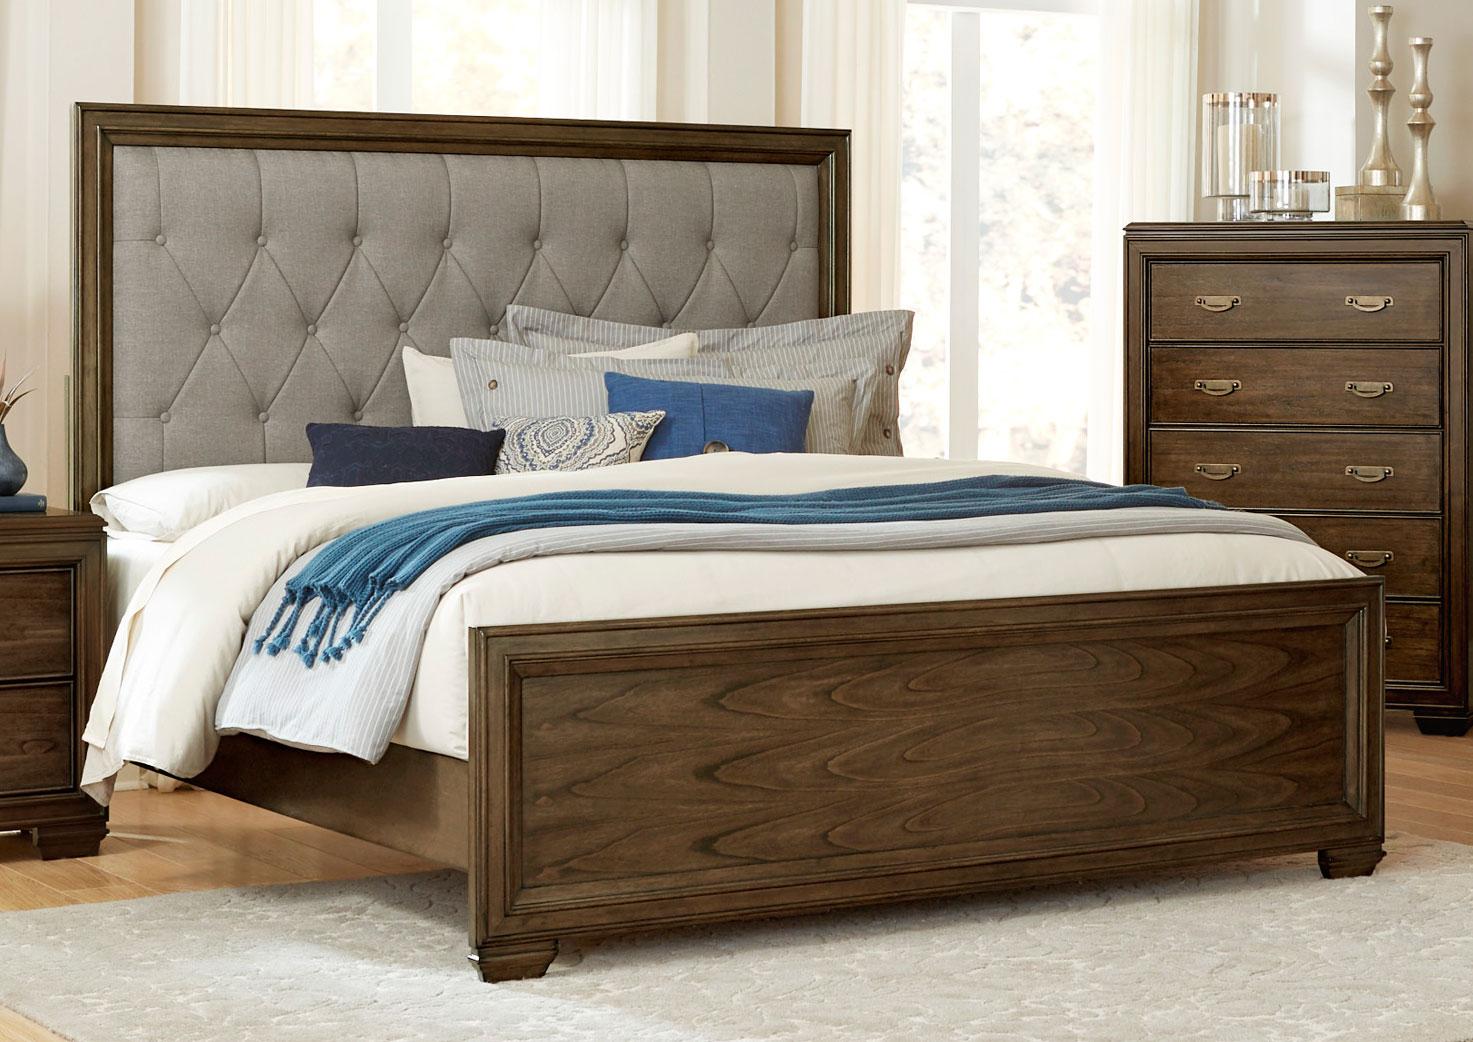 Homelegance Leavitt Button Tufted Upholstered Bed - Brown Cherry